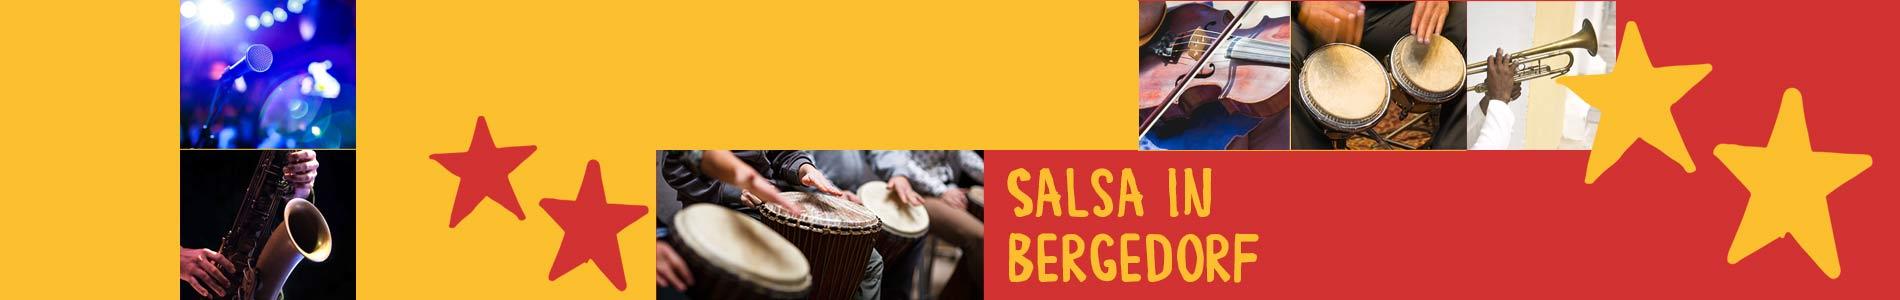 Salsa in Bergedorf – Salsa lernen und tanzen, Tanzkurse, Partys, Veranstaltungen